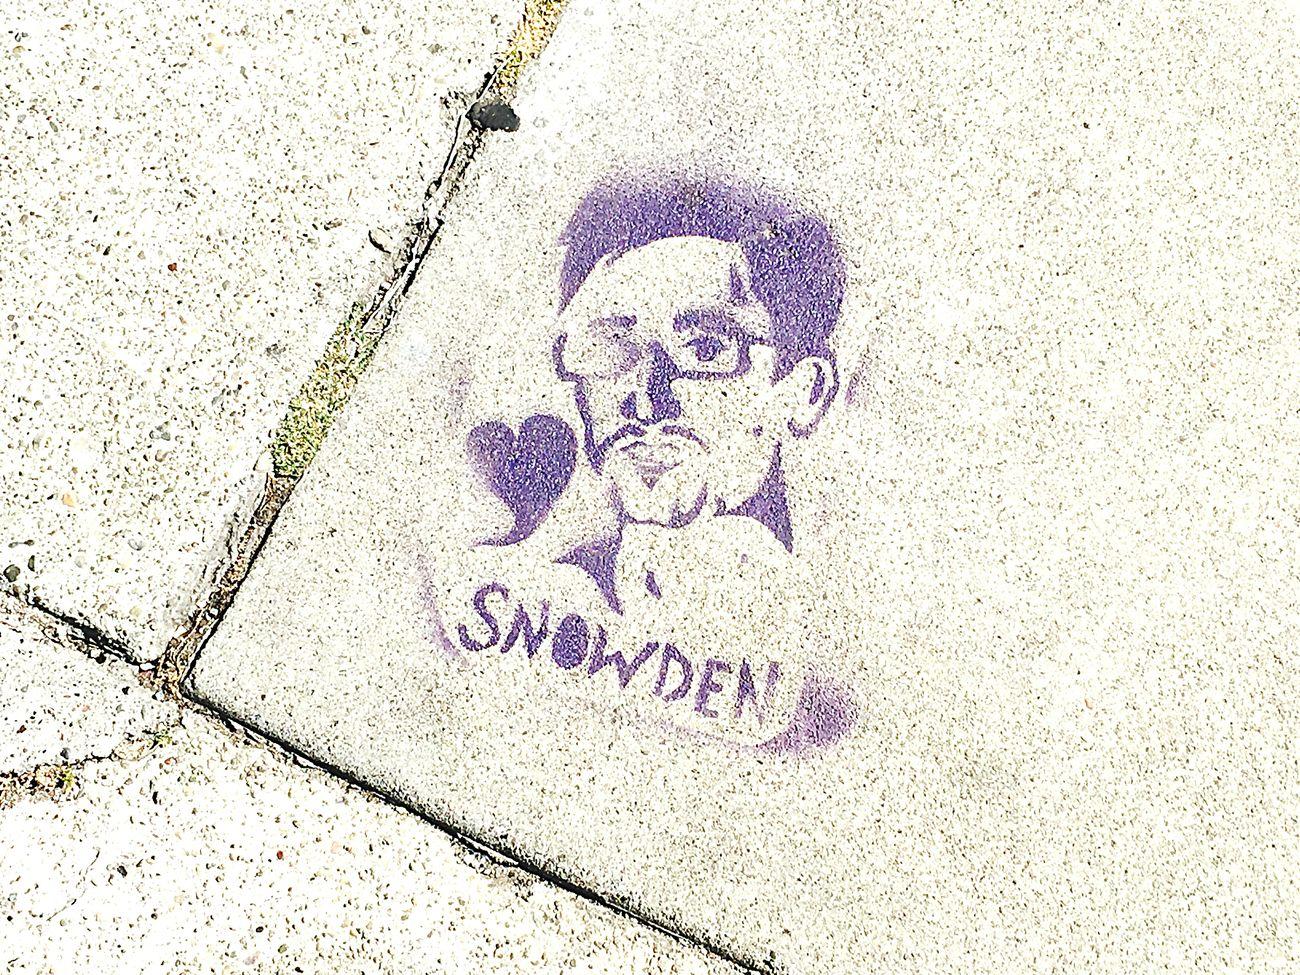 Bit extreme but OK. Snowden